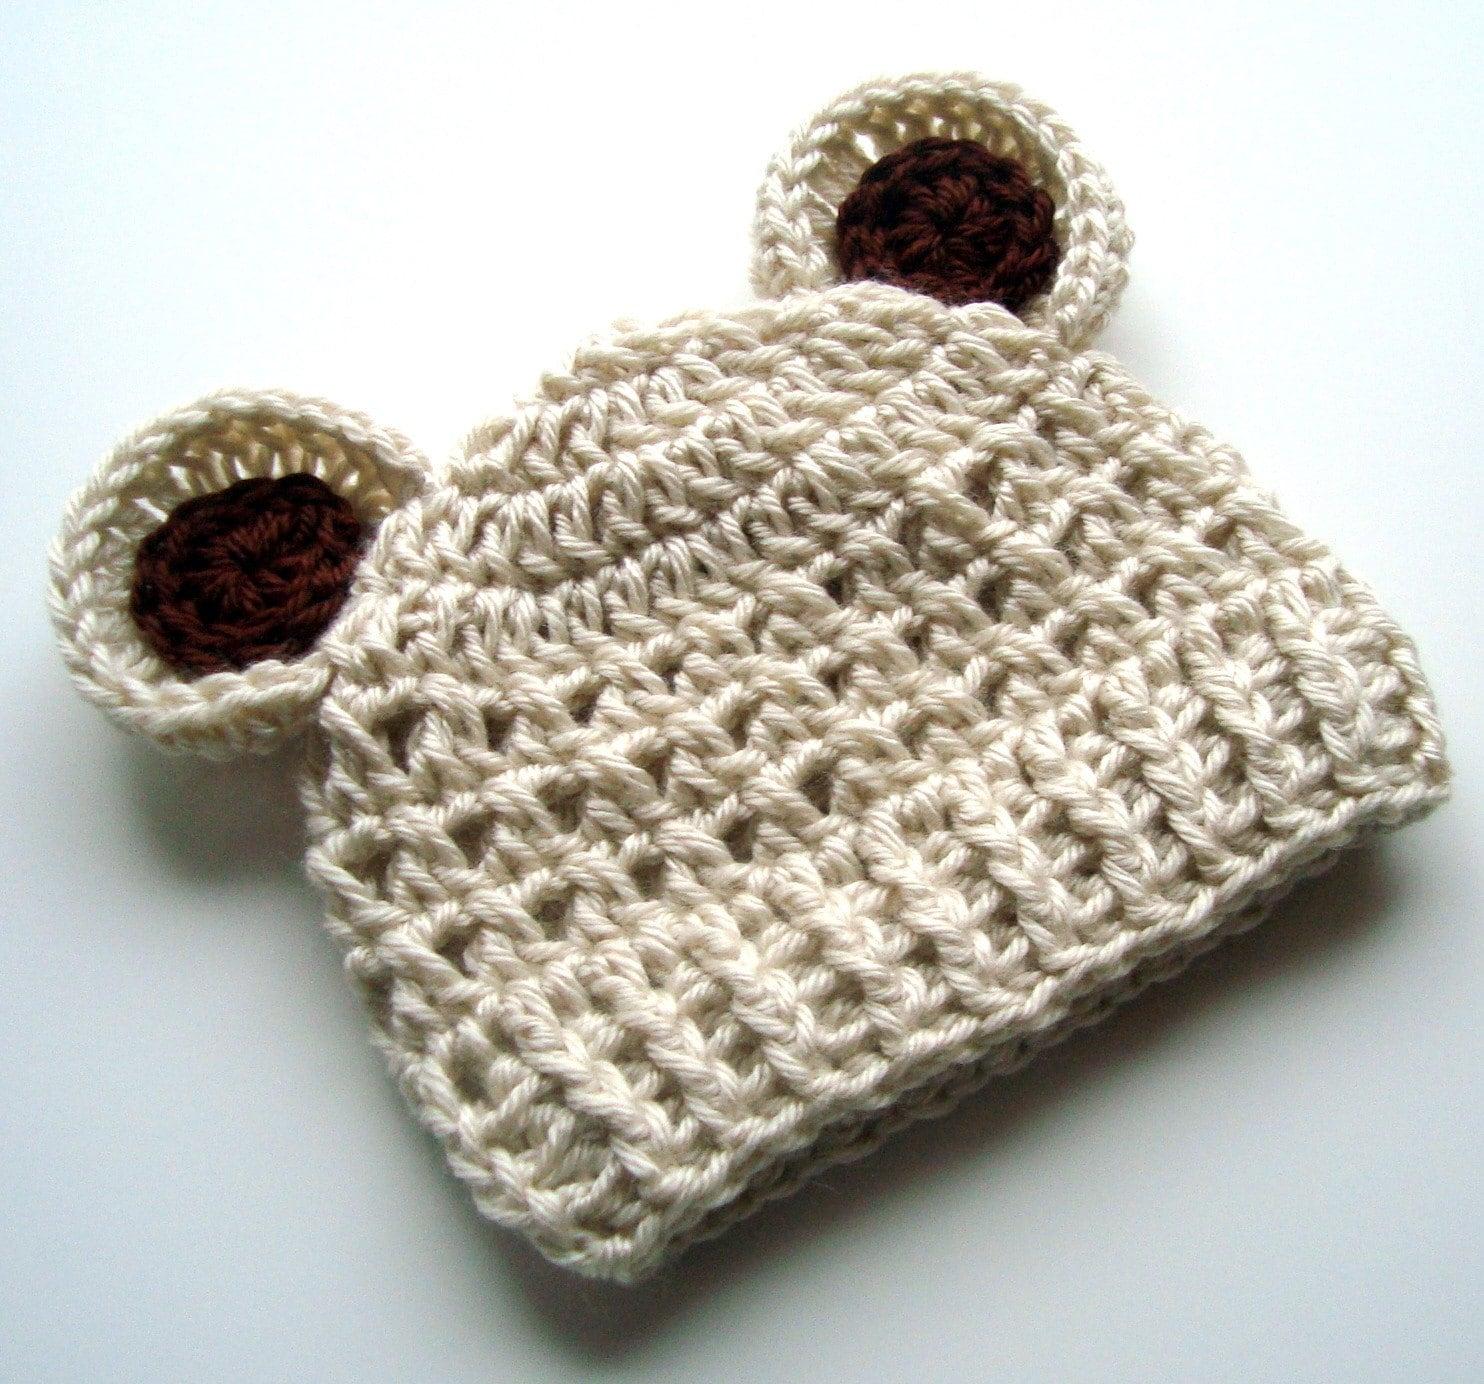 Free Crochet Pattern For Animal Ears : Crochet Animal Ears images